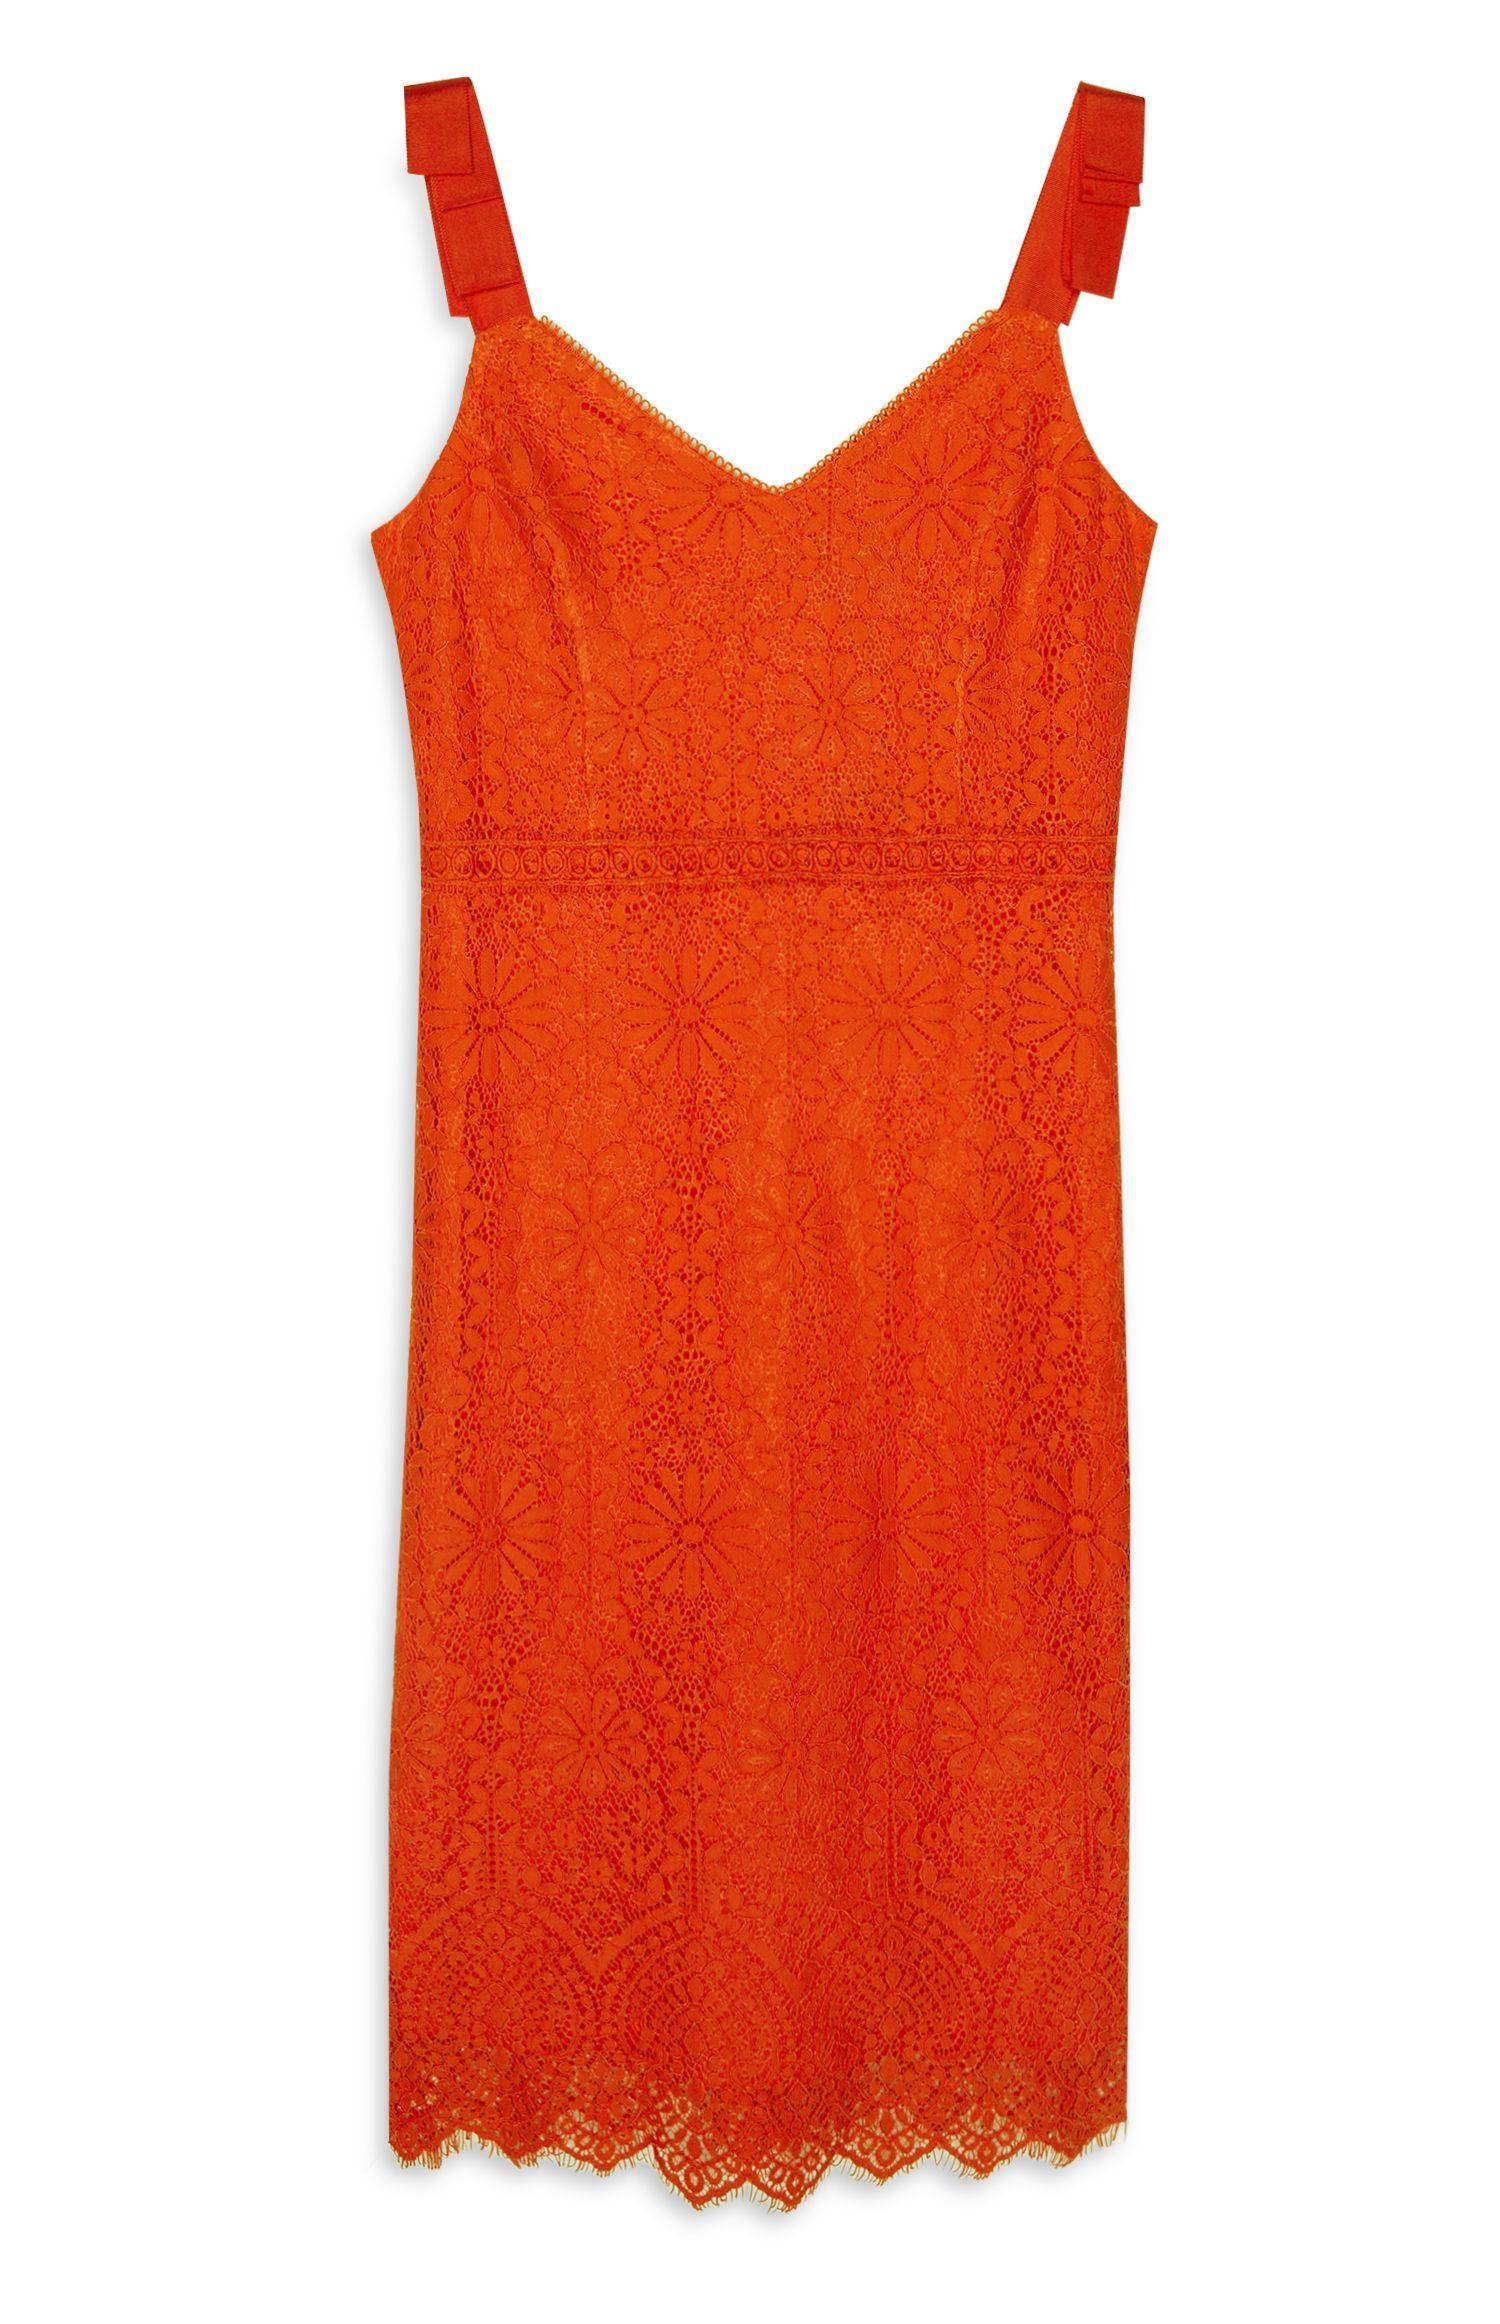 Primark dresses